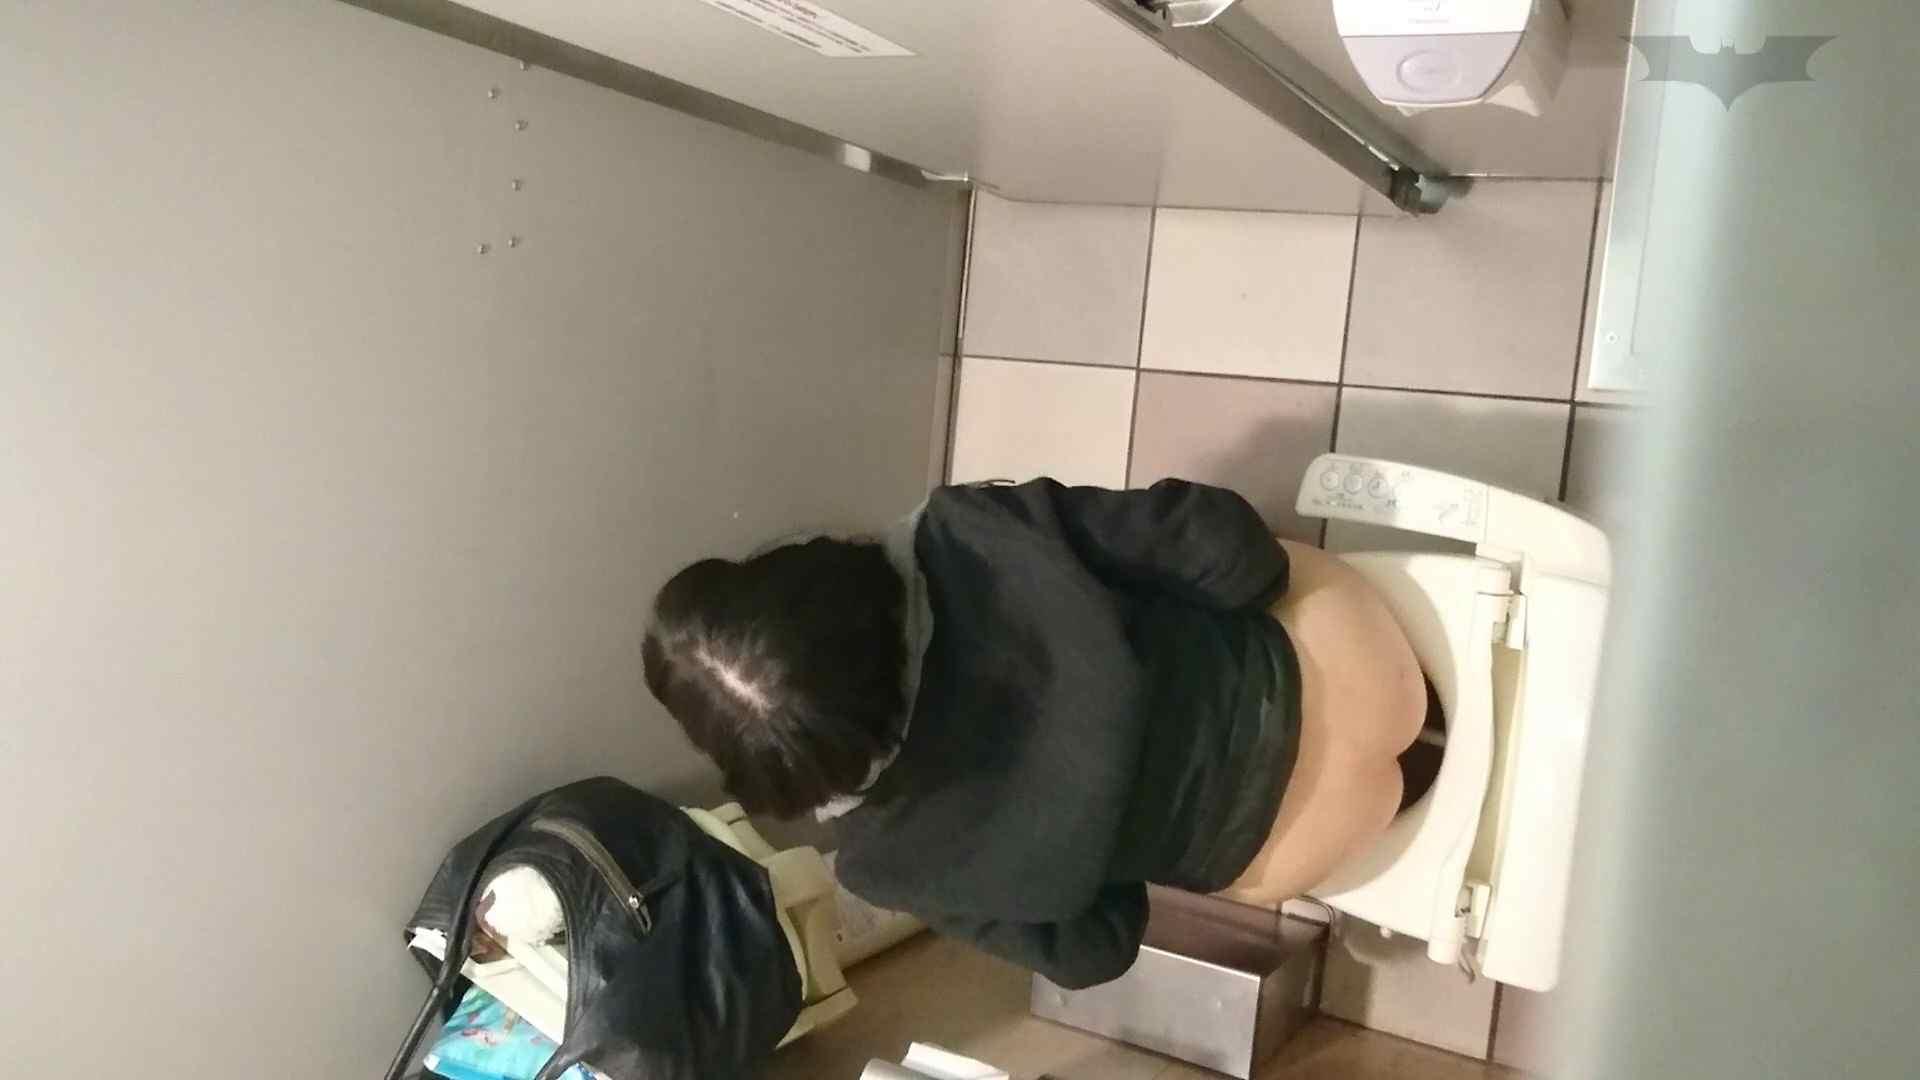 化粧室絵巻 ショッピングモール編 VOL.09 美肌  97PIX 25